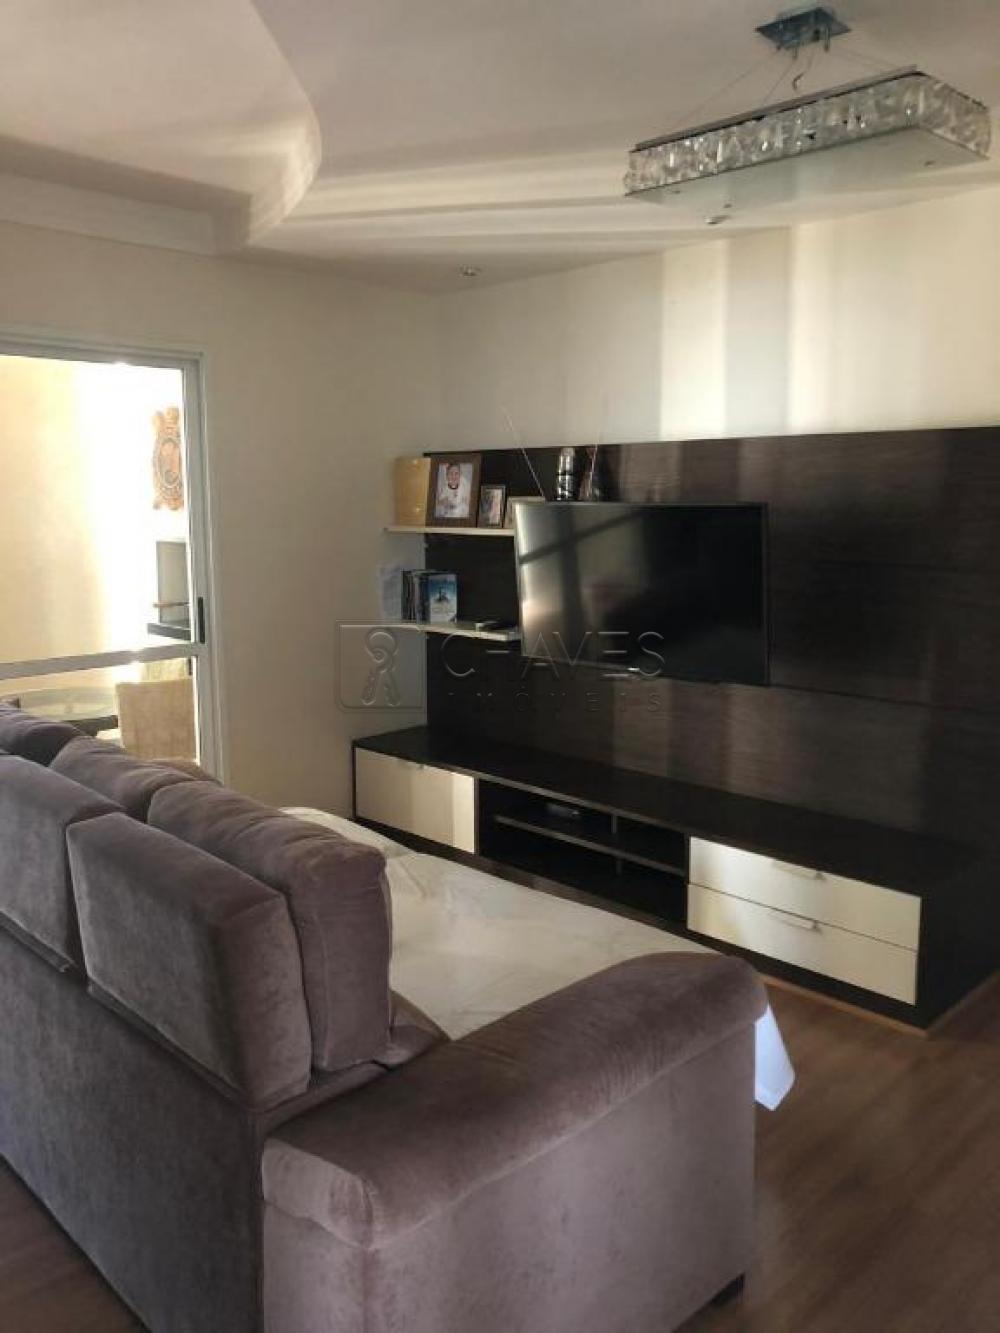 Comprar Apartamento / Padrão em Ribeirão Preto apenas R$ 480.000,00 - Foto 7